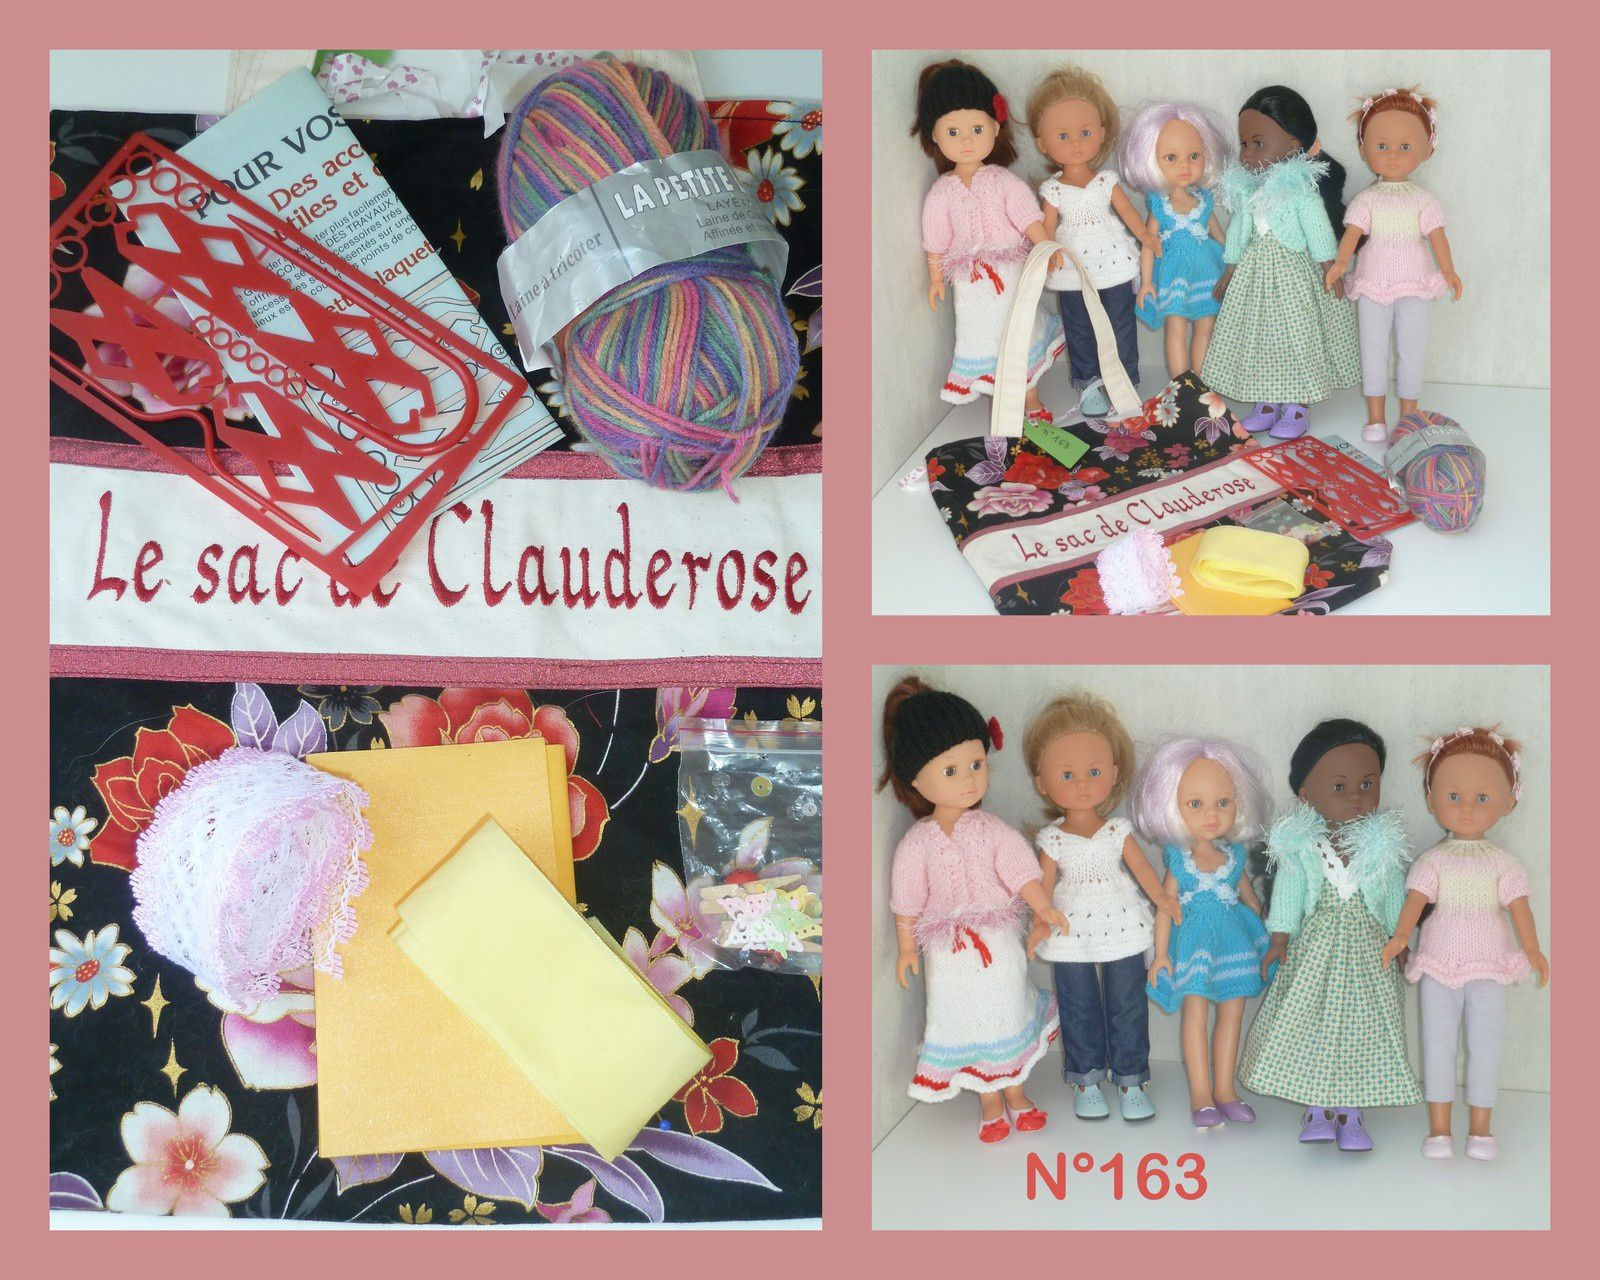 N°163 Le sac de Clauderose : 23ème voyage